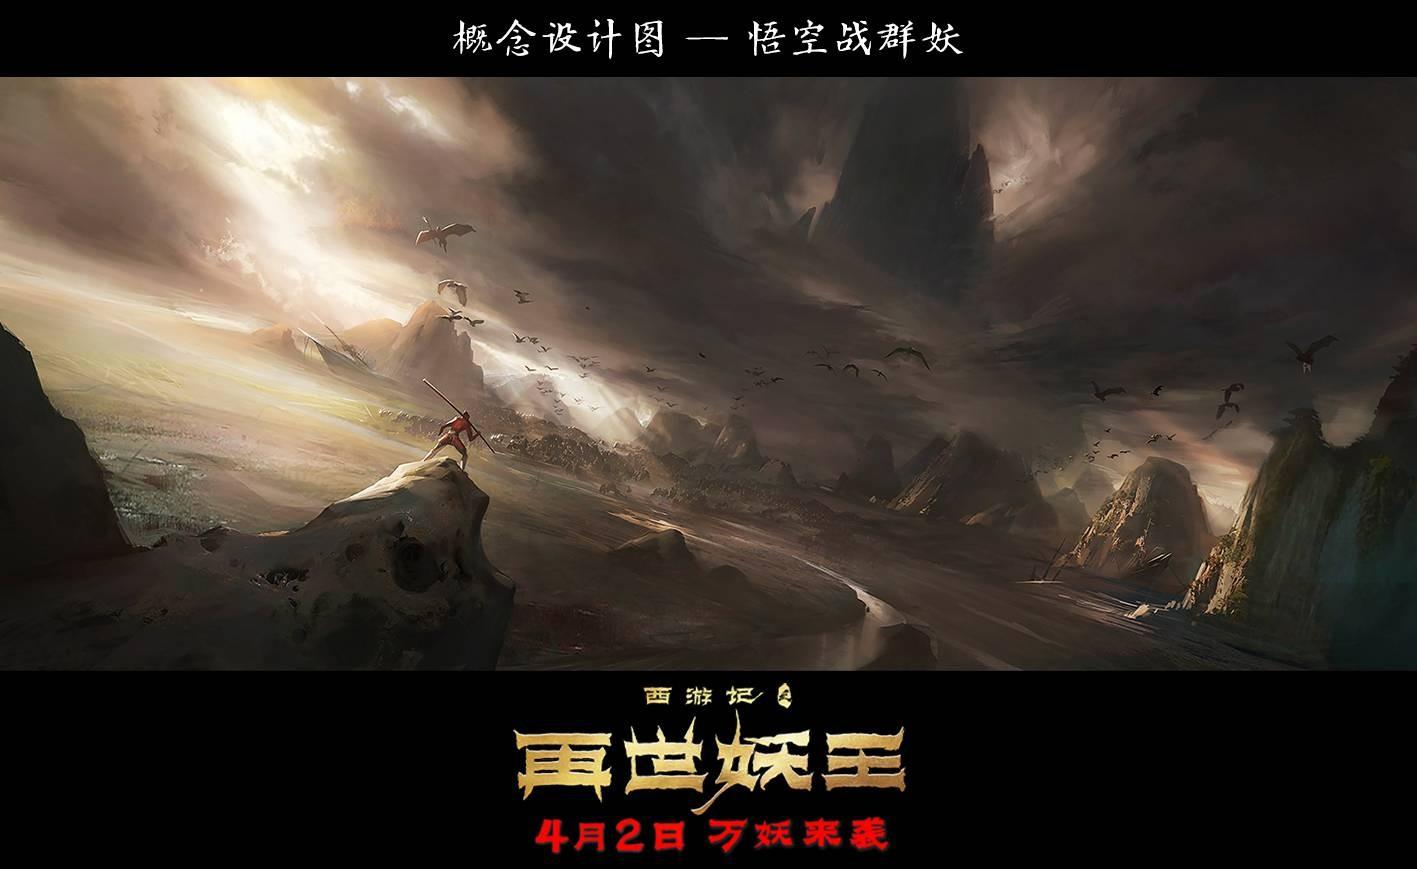 暗黑国漫电影《西游记之再世妖王》曝场景概念图